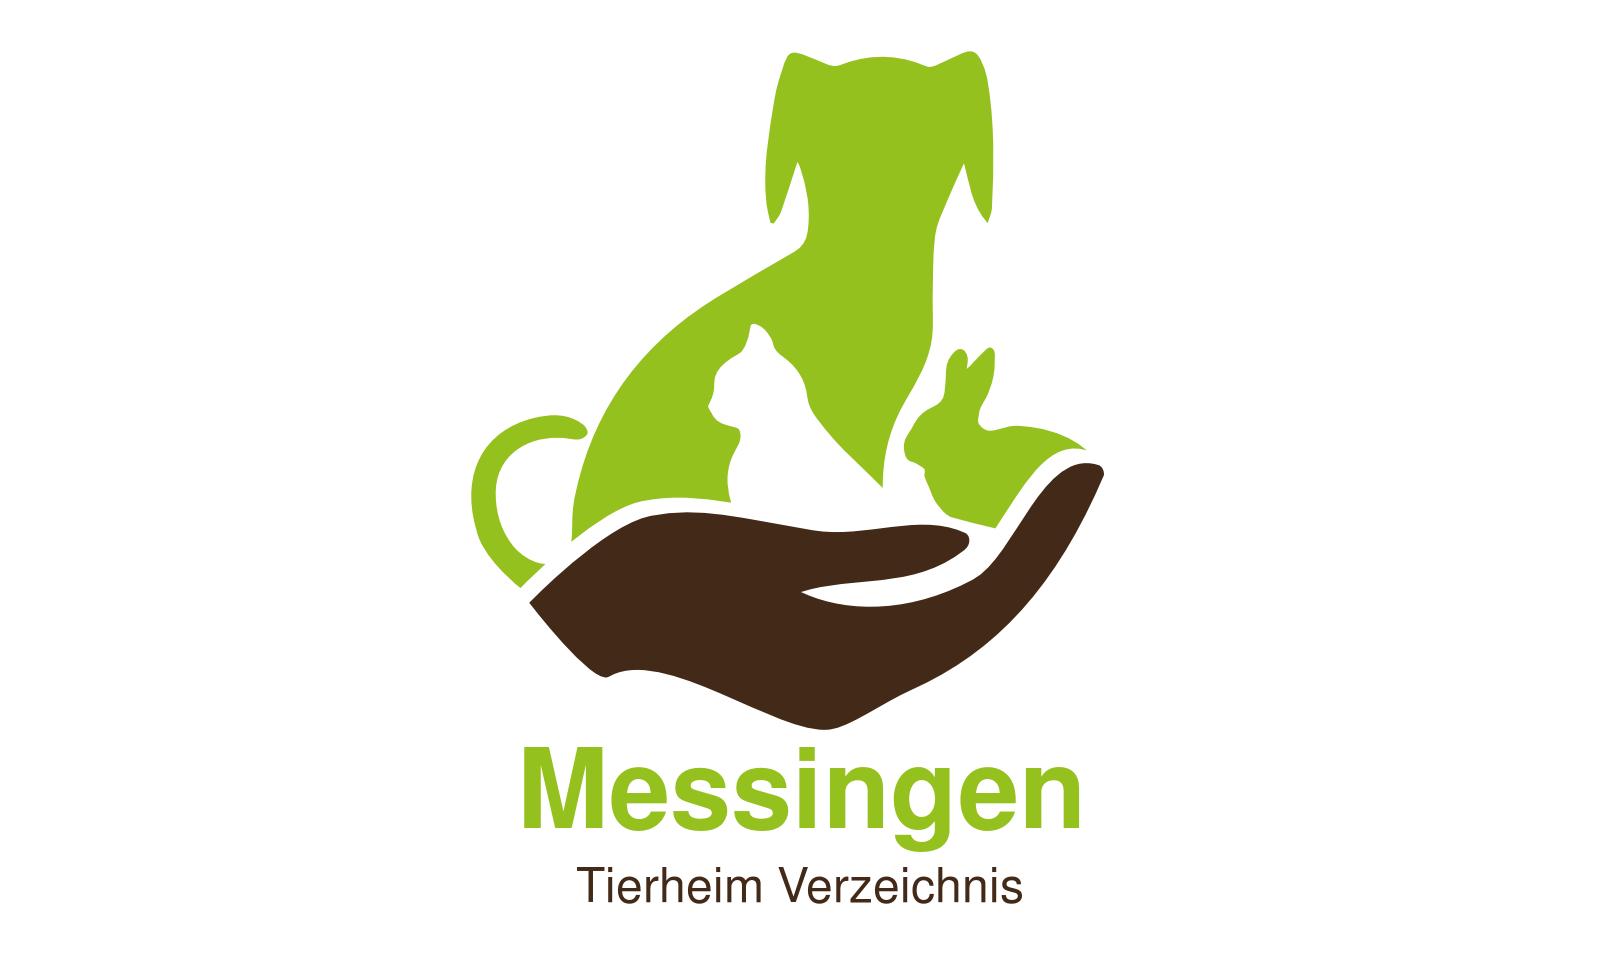 Tierheim Messingen